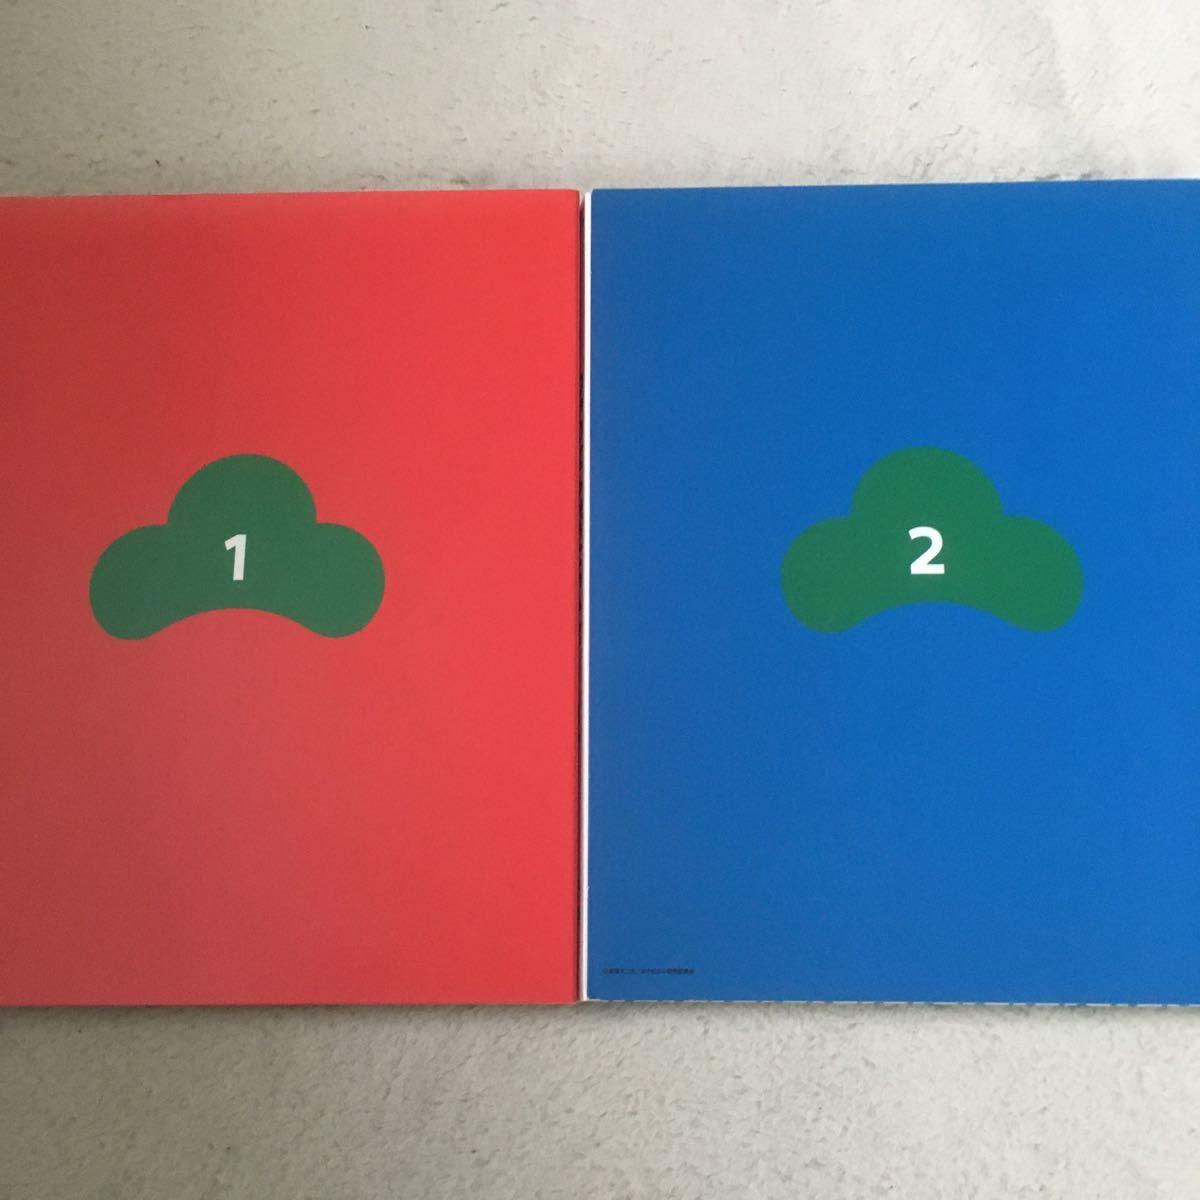 おそ松さん Blu-ray 一期 1.2巻